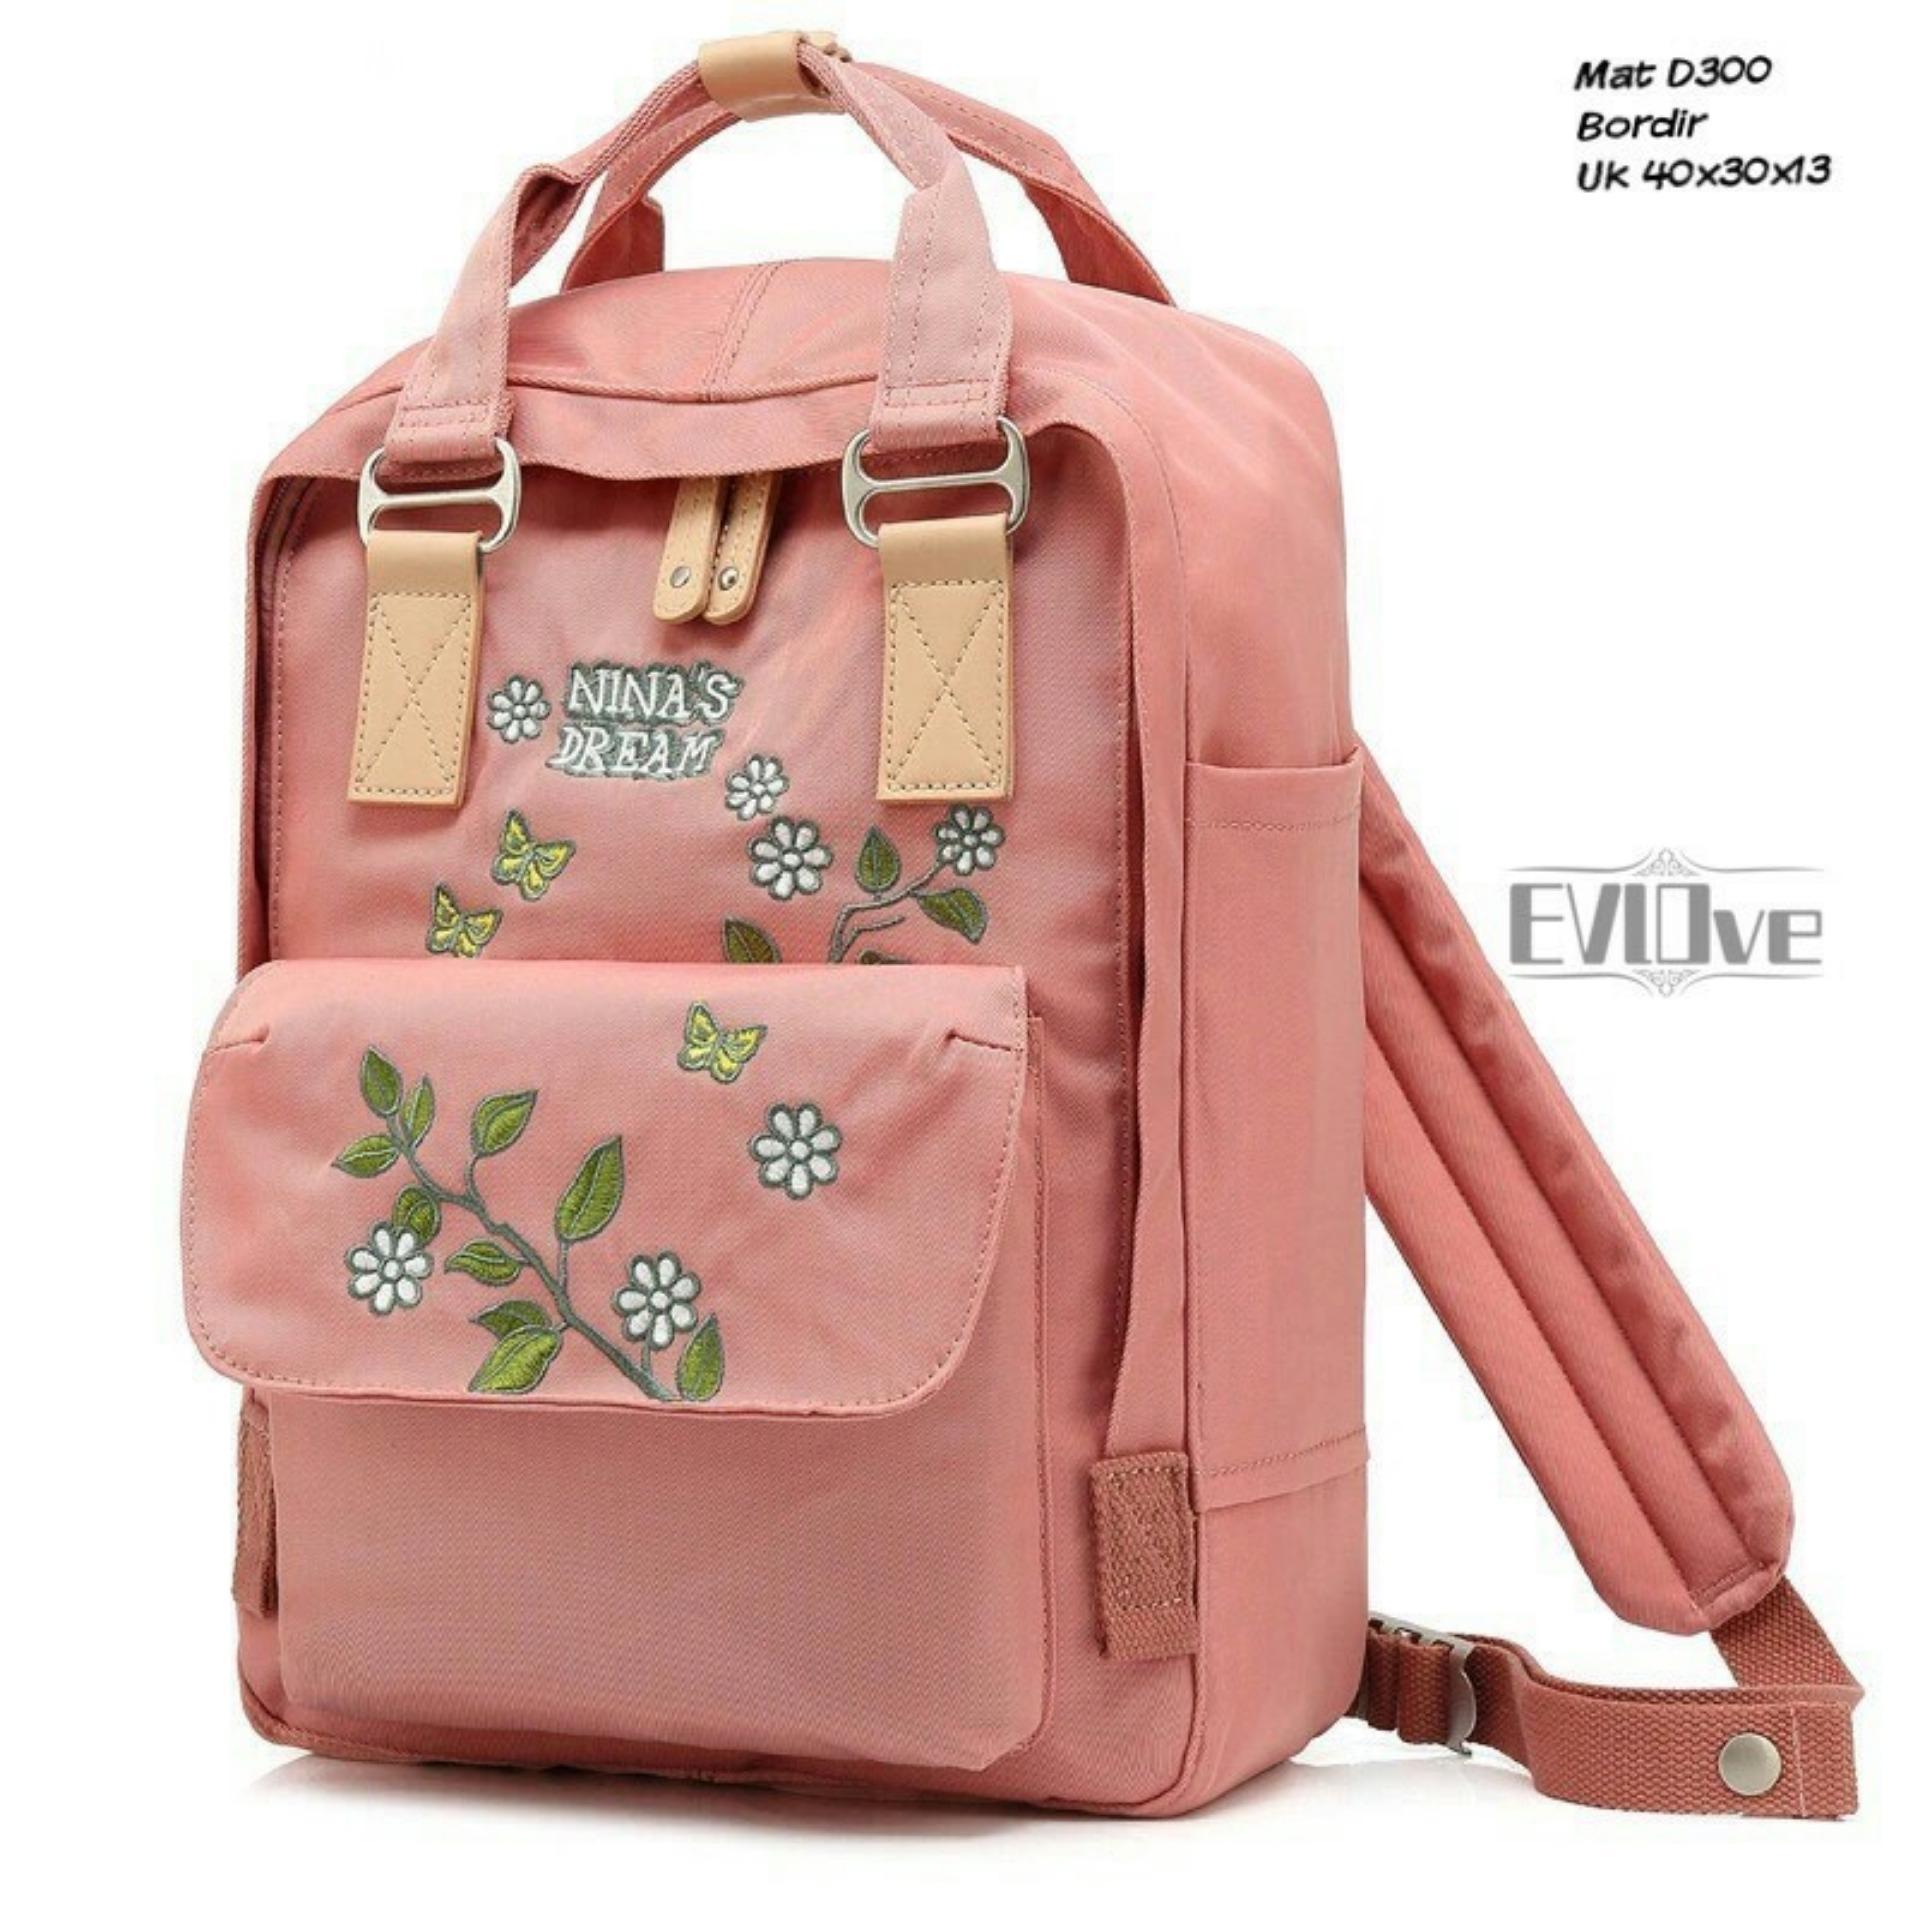 Cek Harga Baru Aal Brand Backpack Wanita 4in1 Terbaru Tas Ransel Vicria Branded High Quality Elegant Korean Bag Style Pink Dough Floral Sekolah